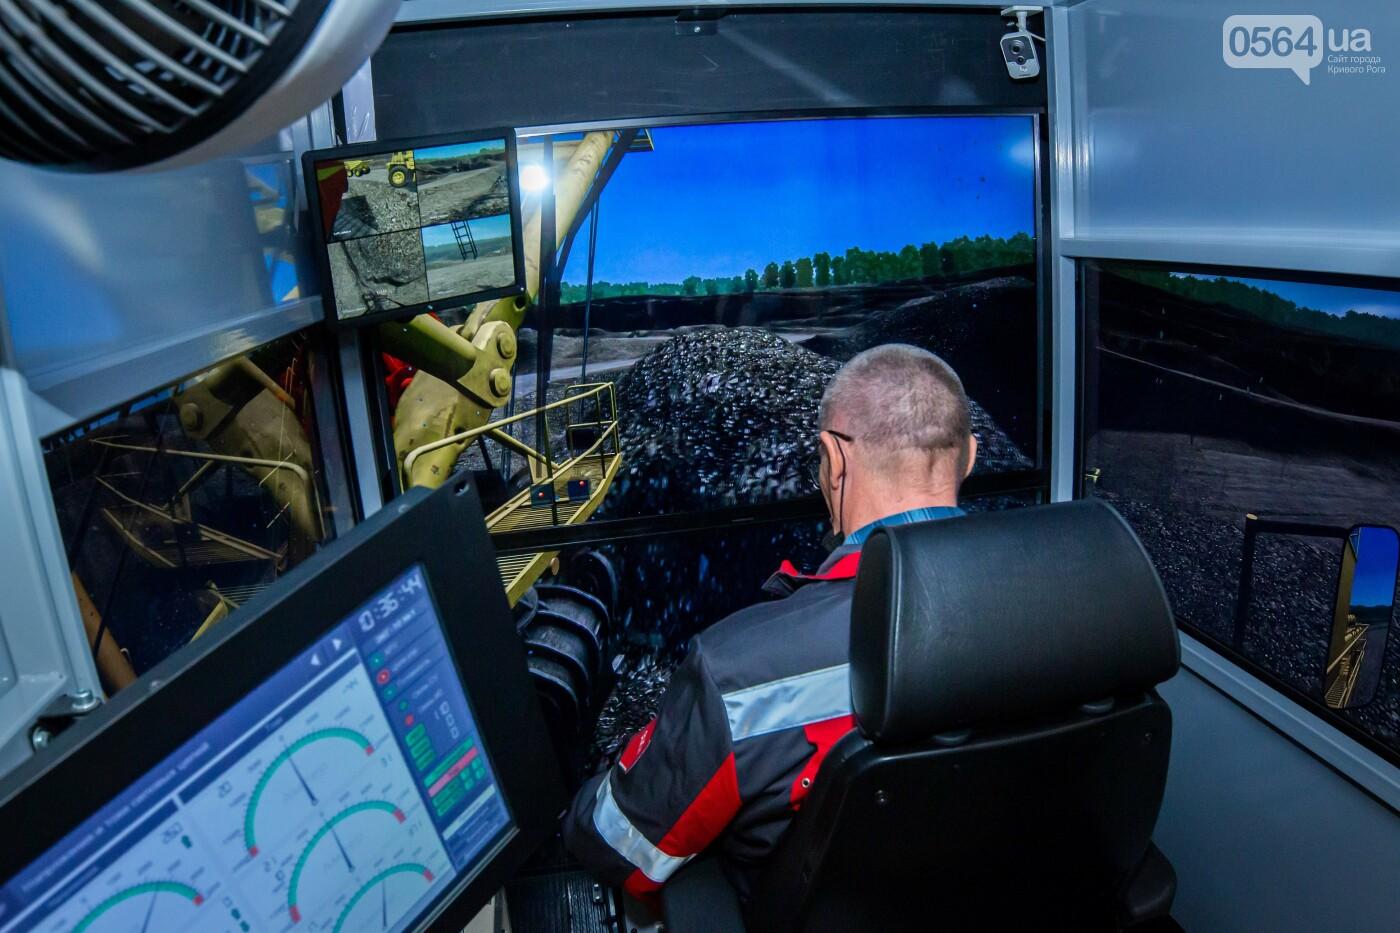 Северный ГОК Метинвеста внедряет новые проекты для повышения уровня безопасности сотрудников, фото-3